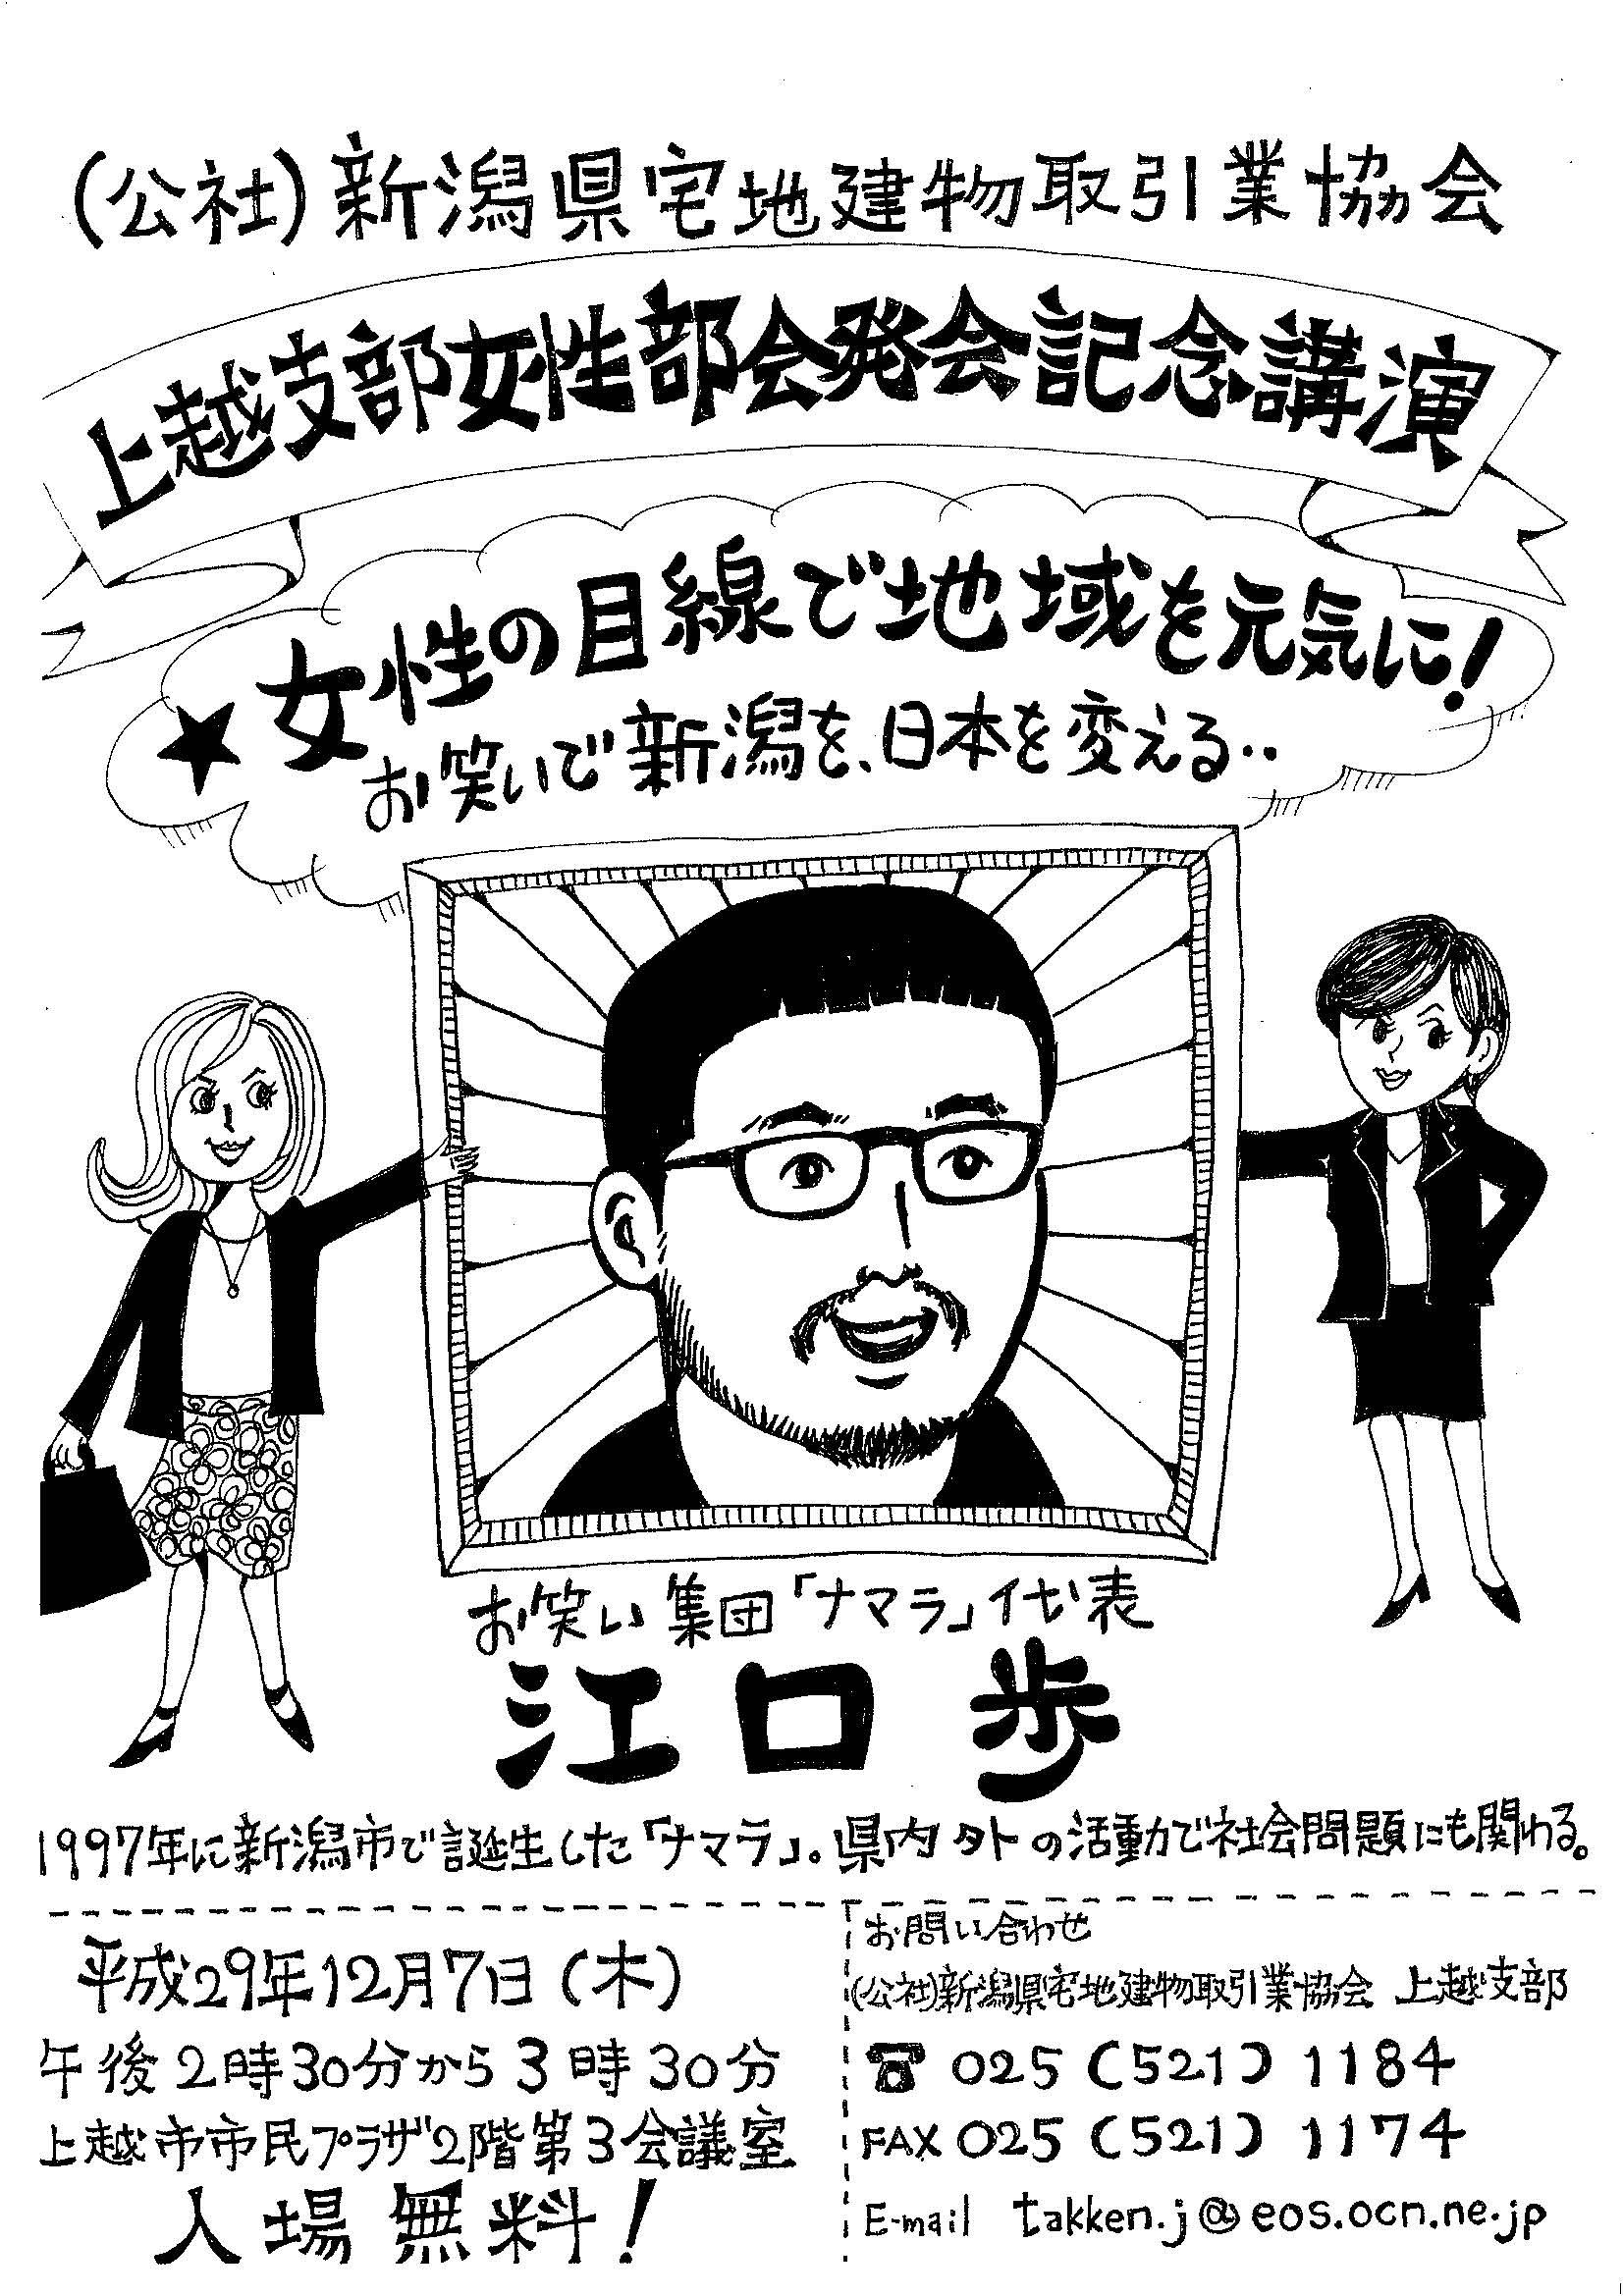 江口歩さん講演会